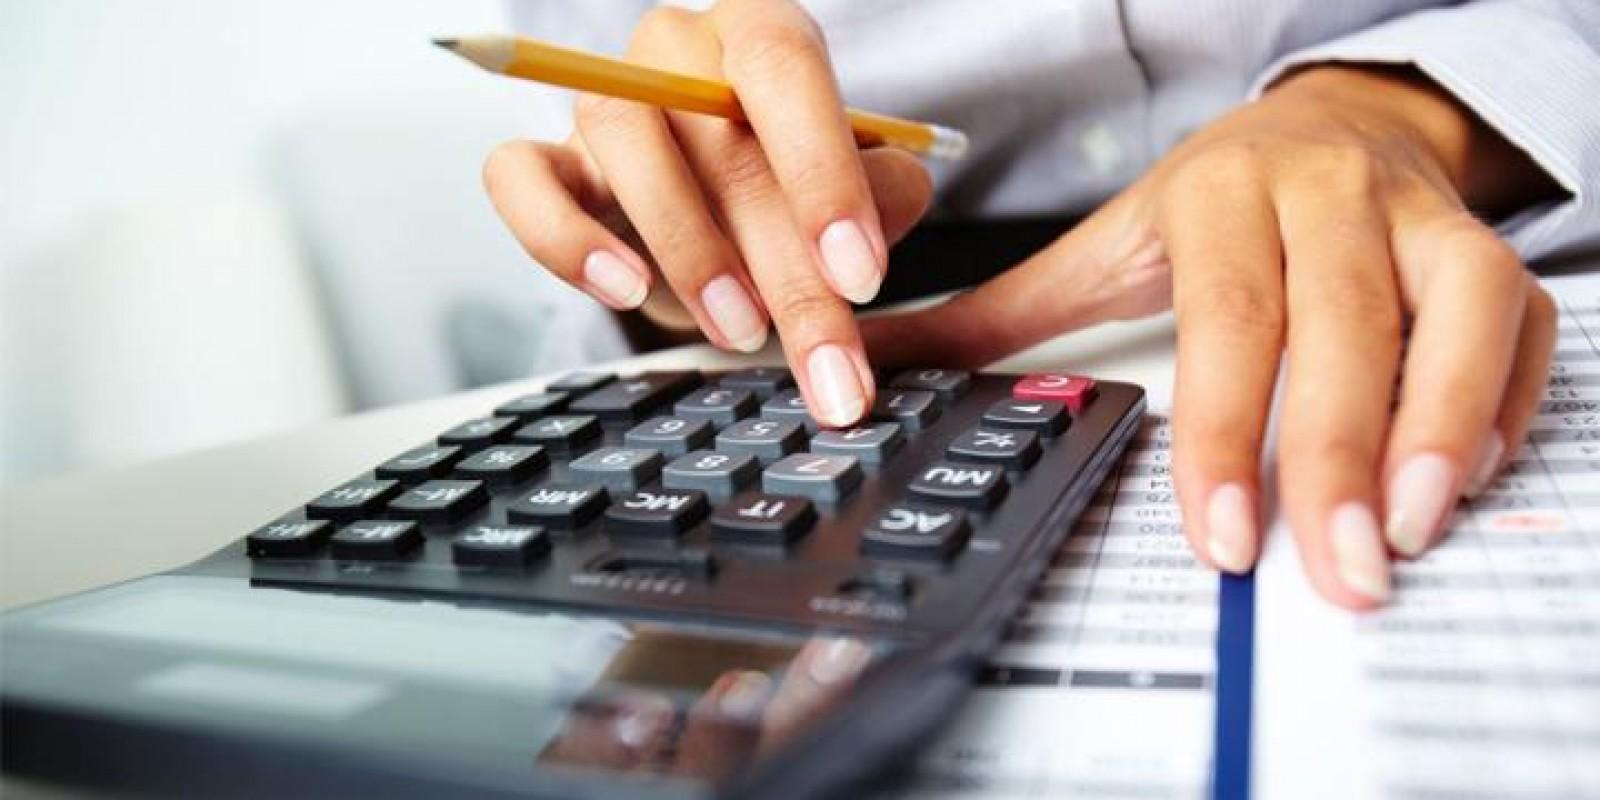 Cobrança x recuperação de crédito: entenda as diferenças